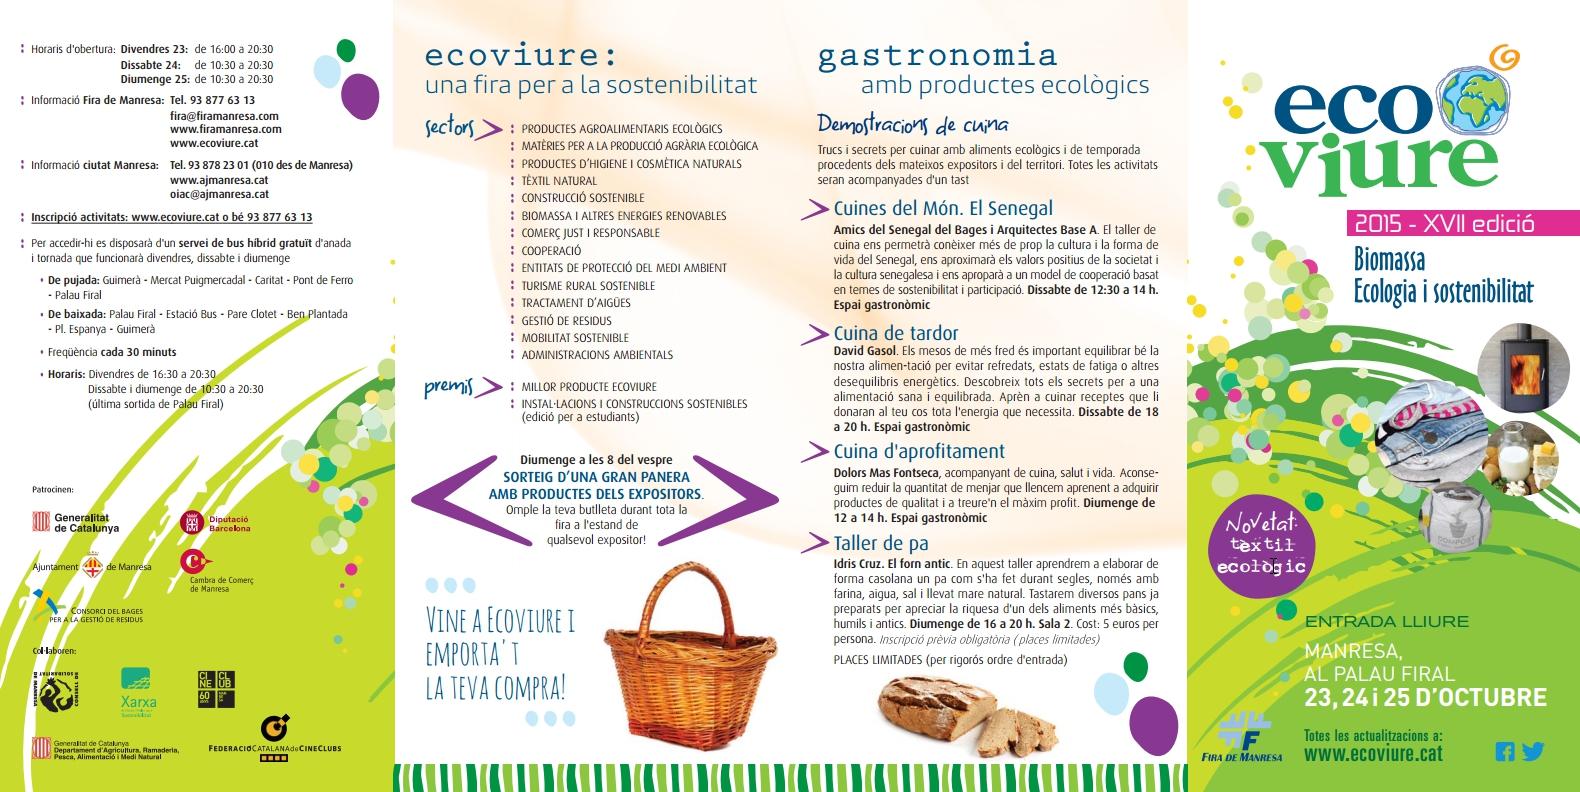 programa-ecoviure-2015-full1